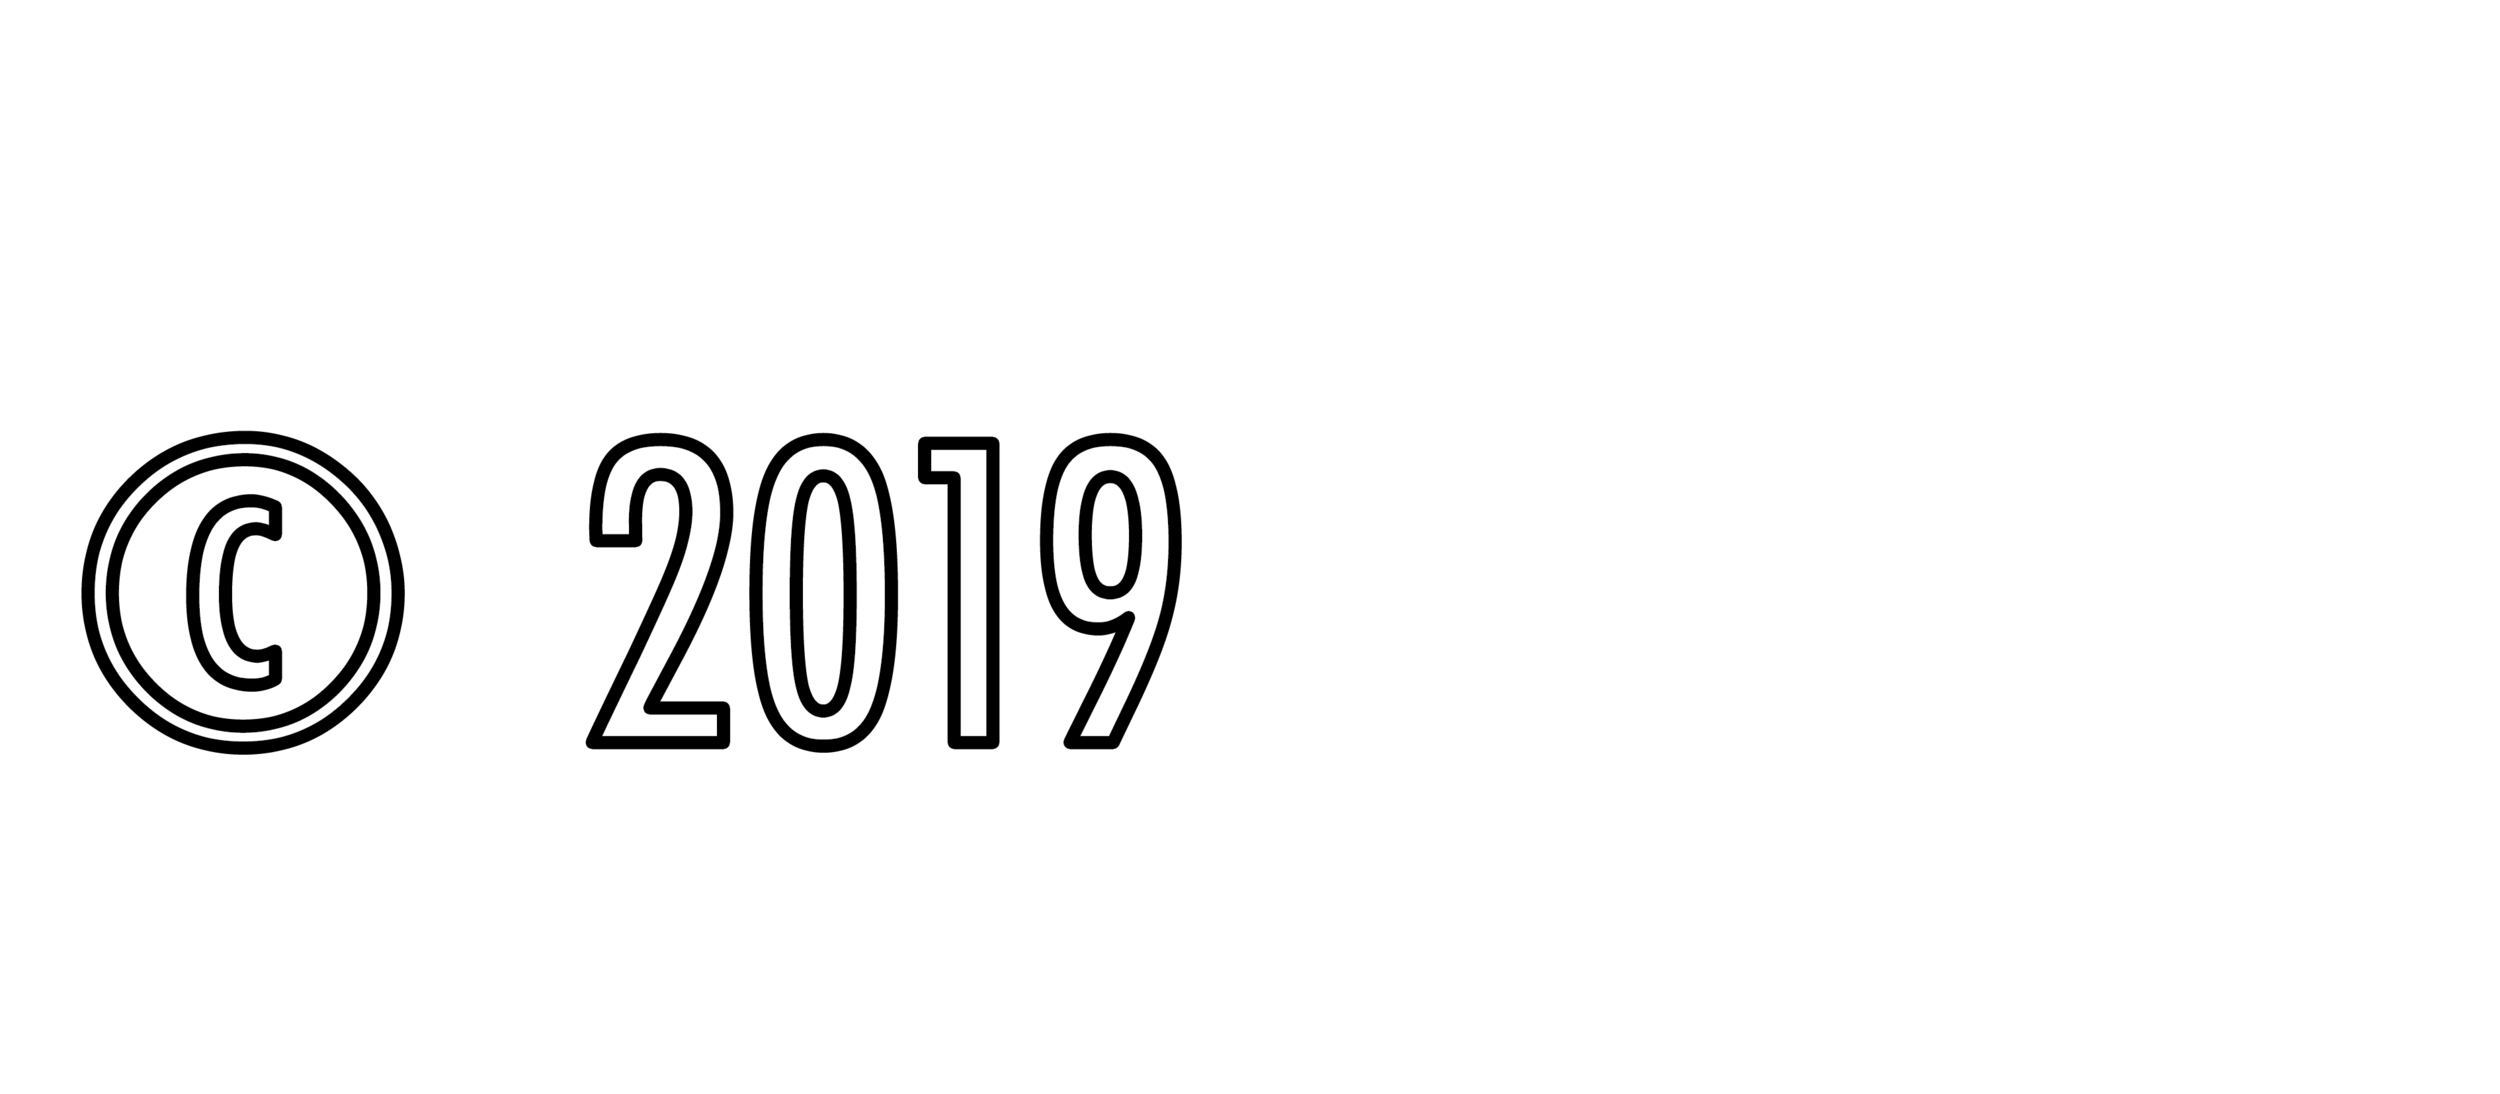 2019.07.25 - copyright 2019 Remix ⟷ Culture @2x.png